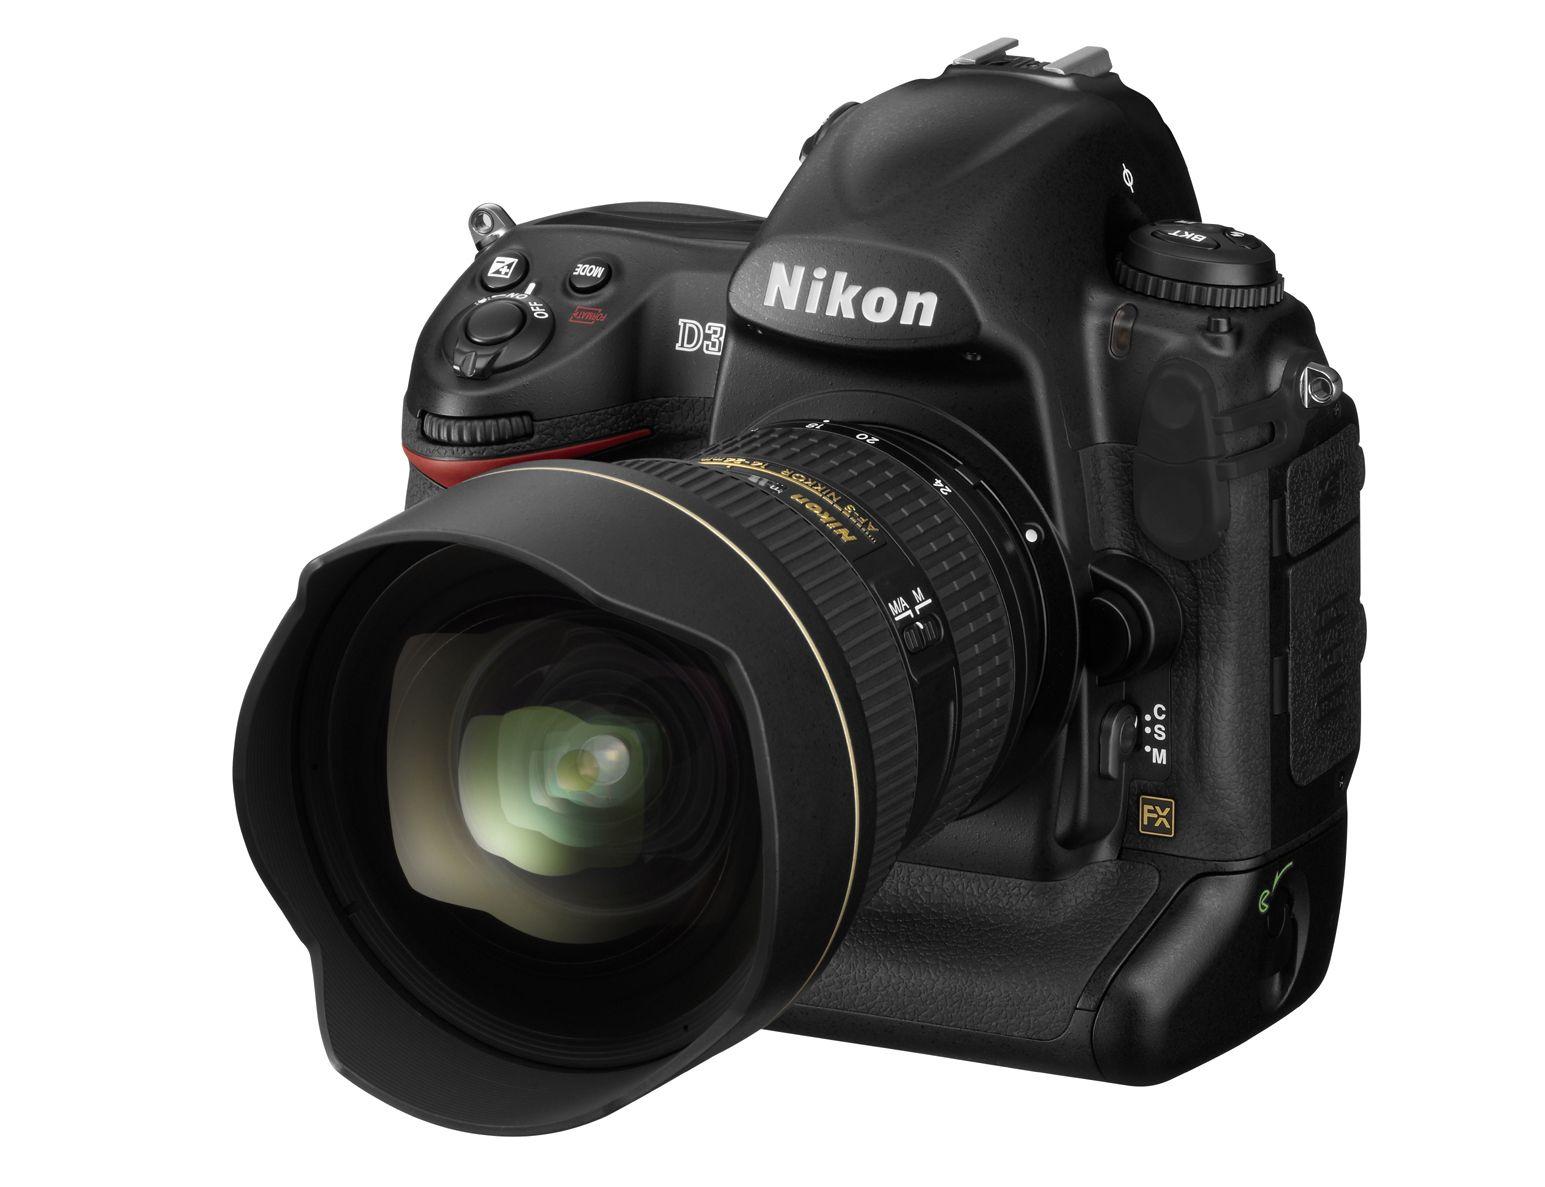 Nikon D3 - Det råeste kameraet til nå?